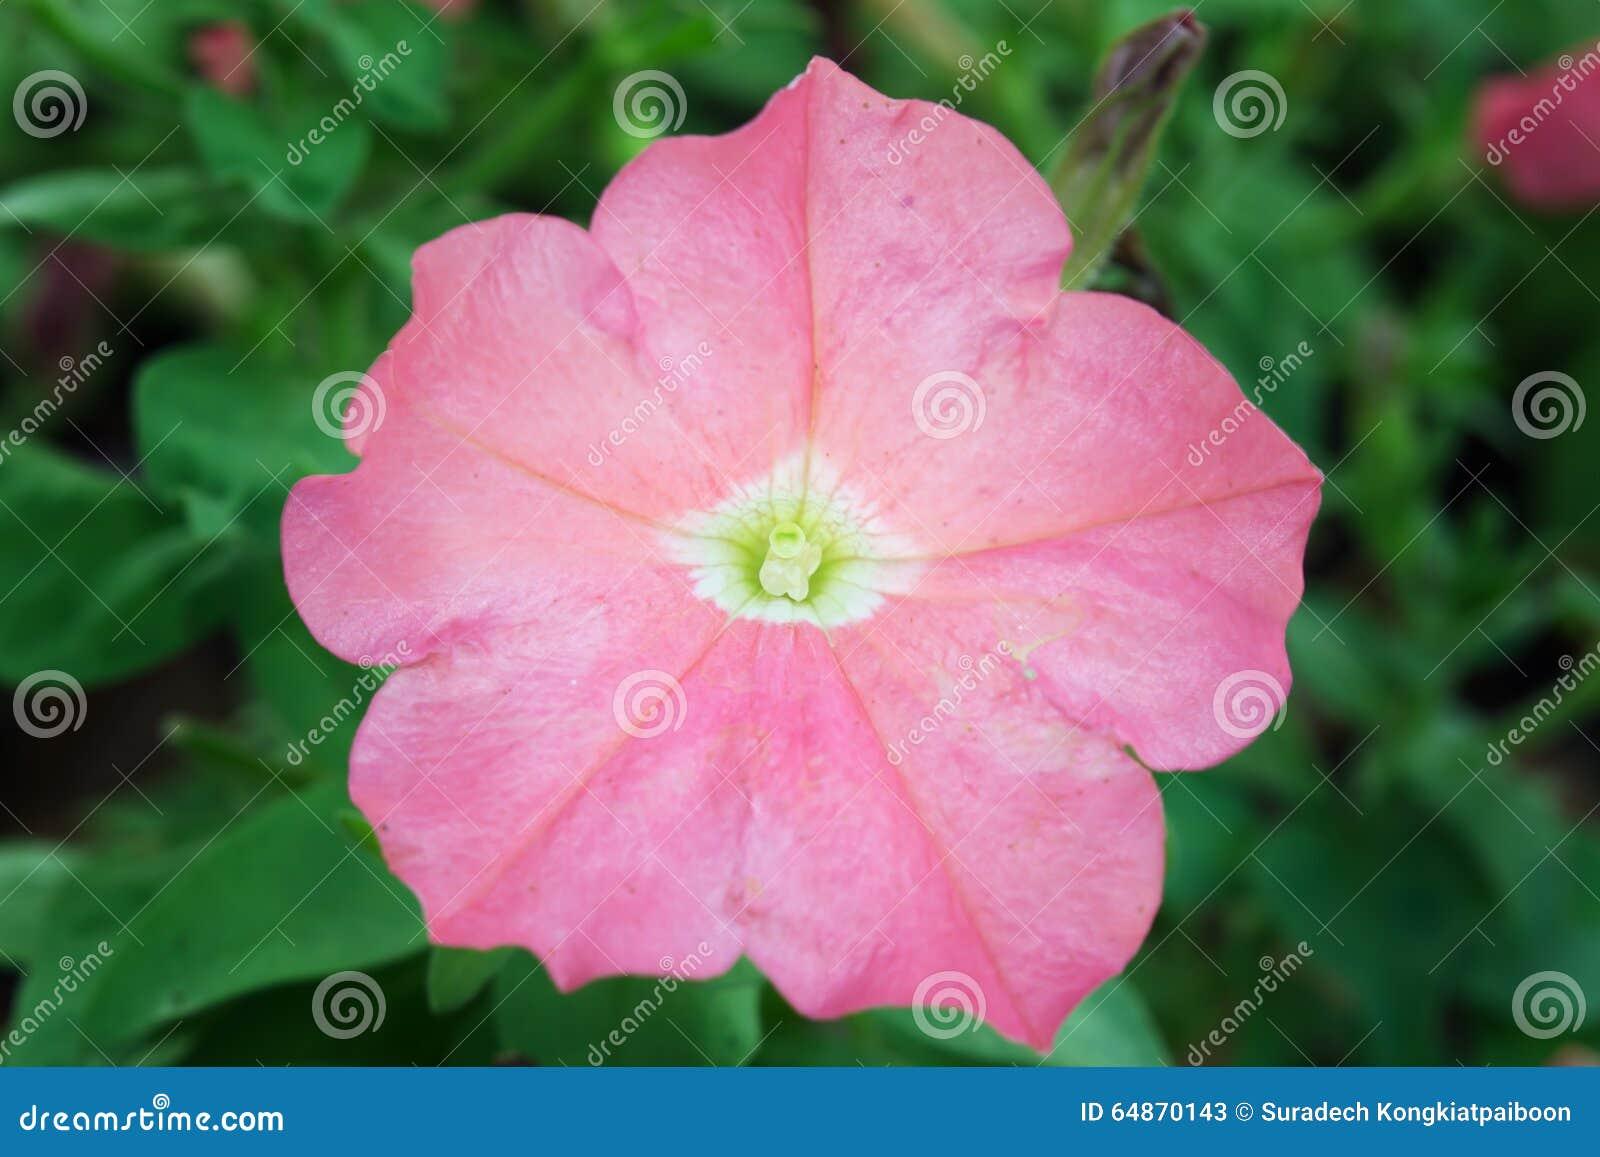 Nomi Di Fiori Rosa.Fiore Rosa Della Rosa Del Deserto Altri Nomi Sono Rosa Del